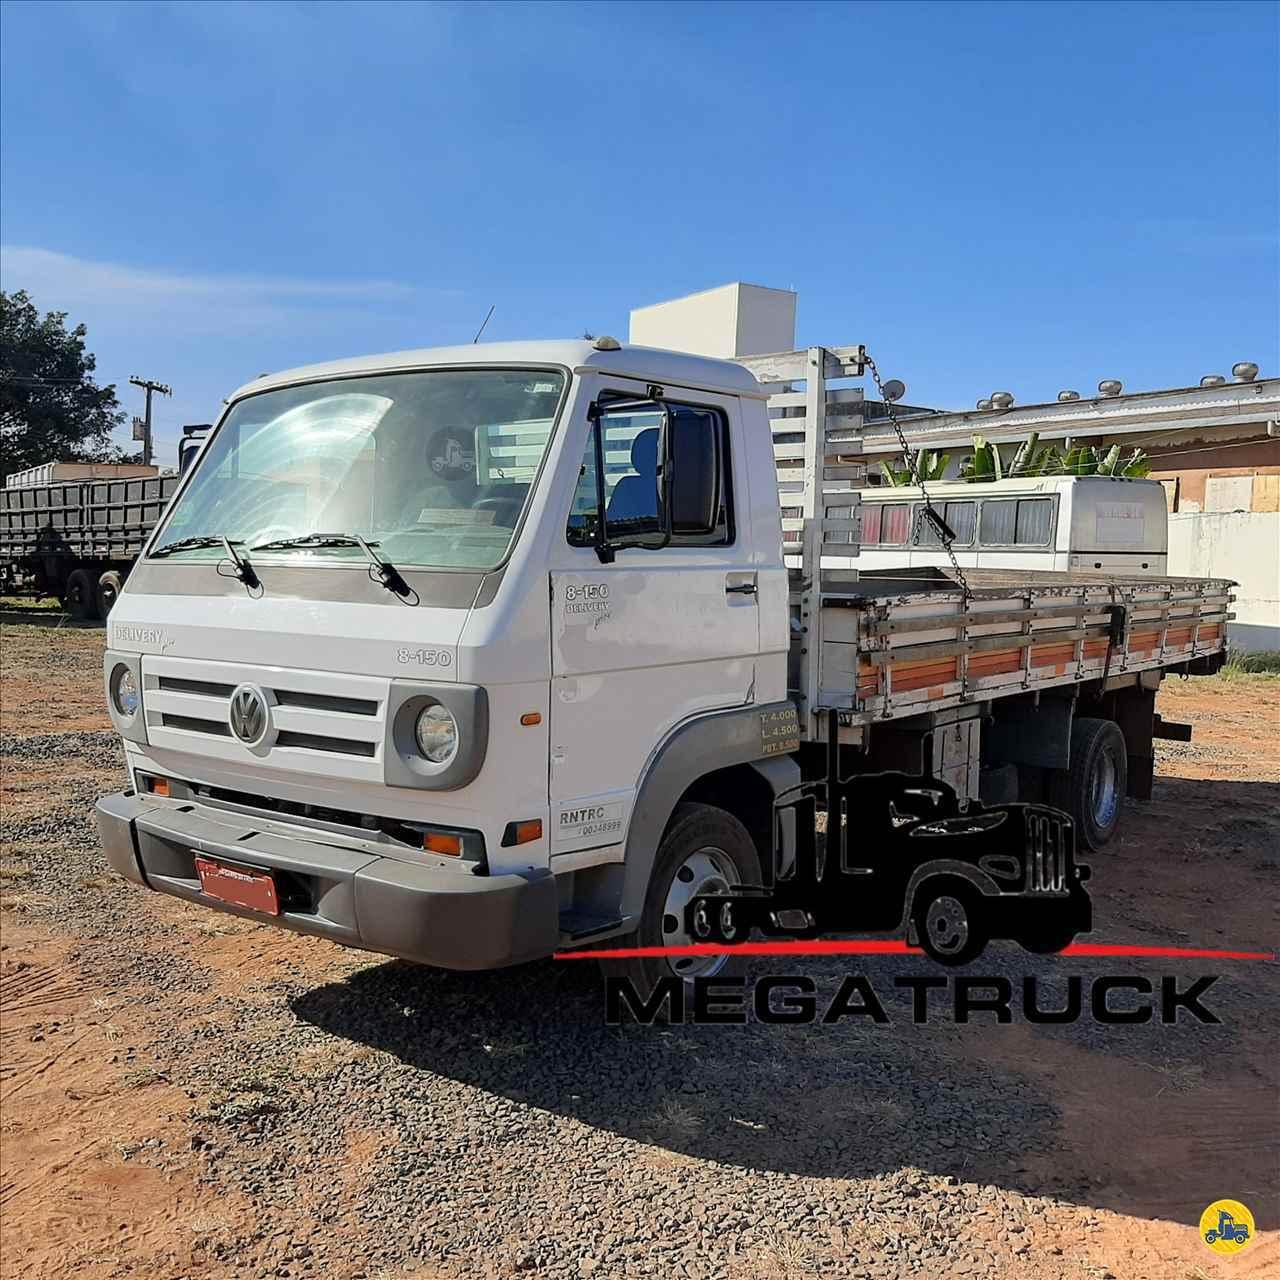 CAMINHAO VOLKSWAGEN VW 8150 Carga Seca 3/4 4x2 Megatruck Caminhões e Máquinas CAMPO GRANDE MATO GROSSO DO SUL MS